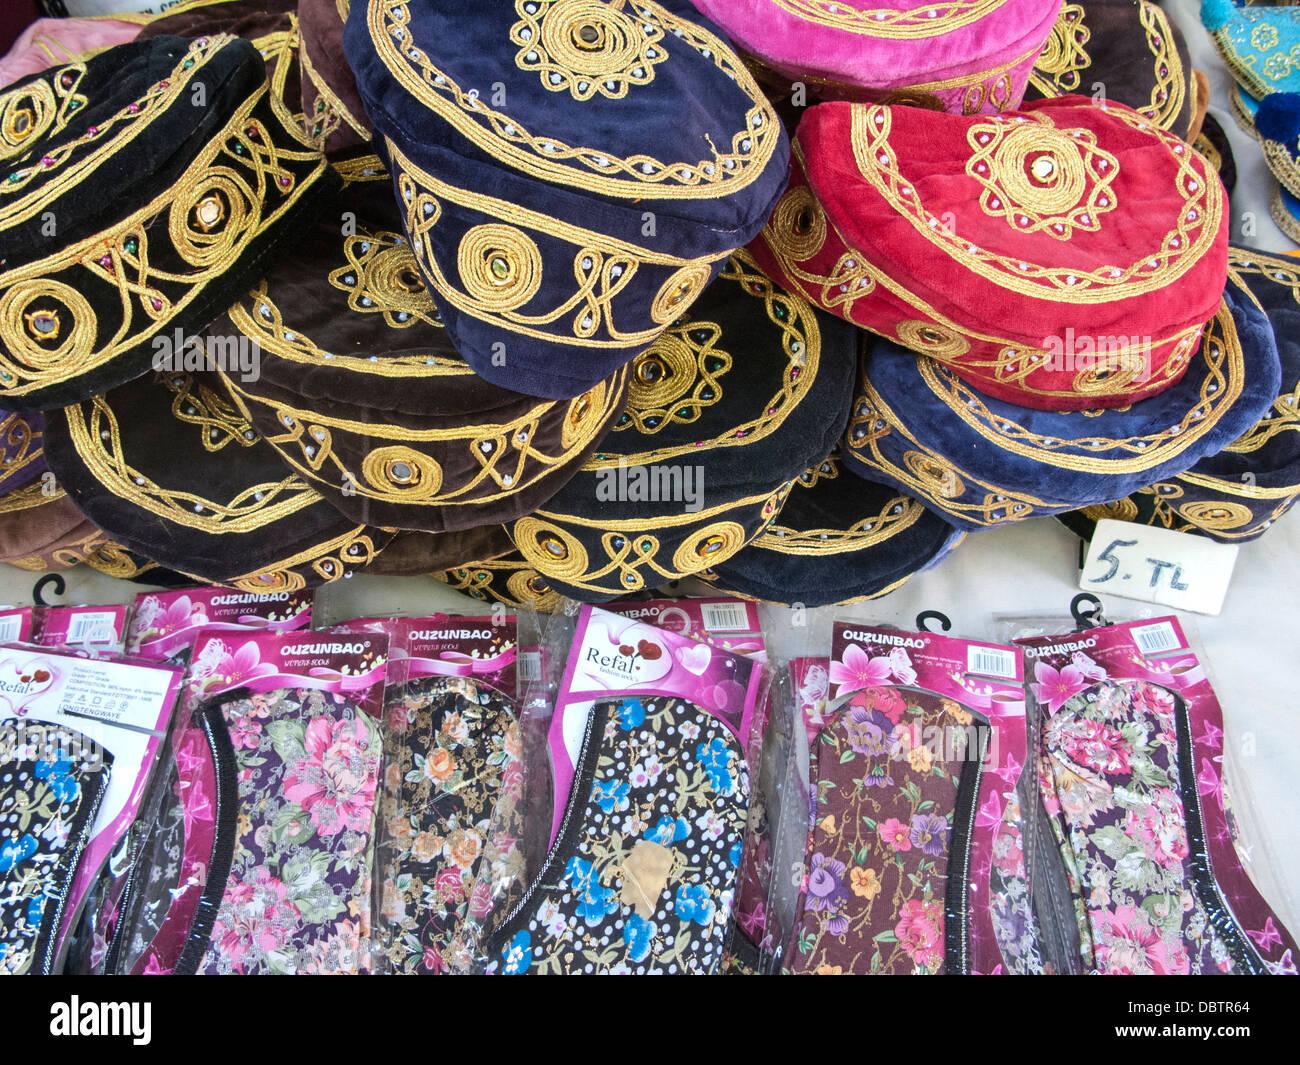 Turkish Slippers Stock Photos & Turkish Slippers Stock